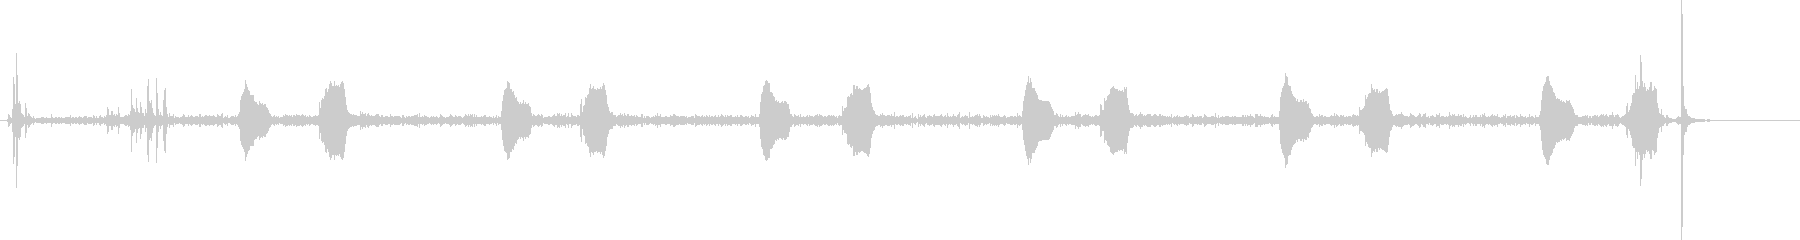 鳩時計1:ストライクシックスオクロ...の未再生の波形